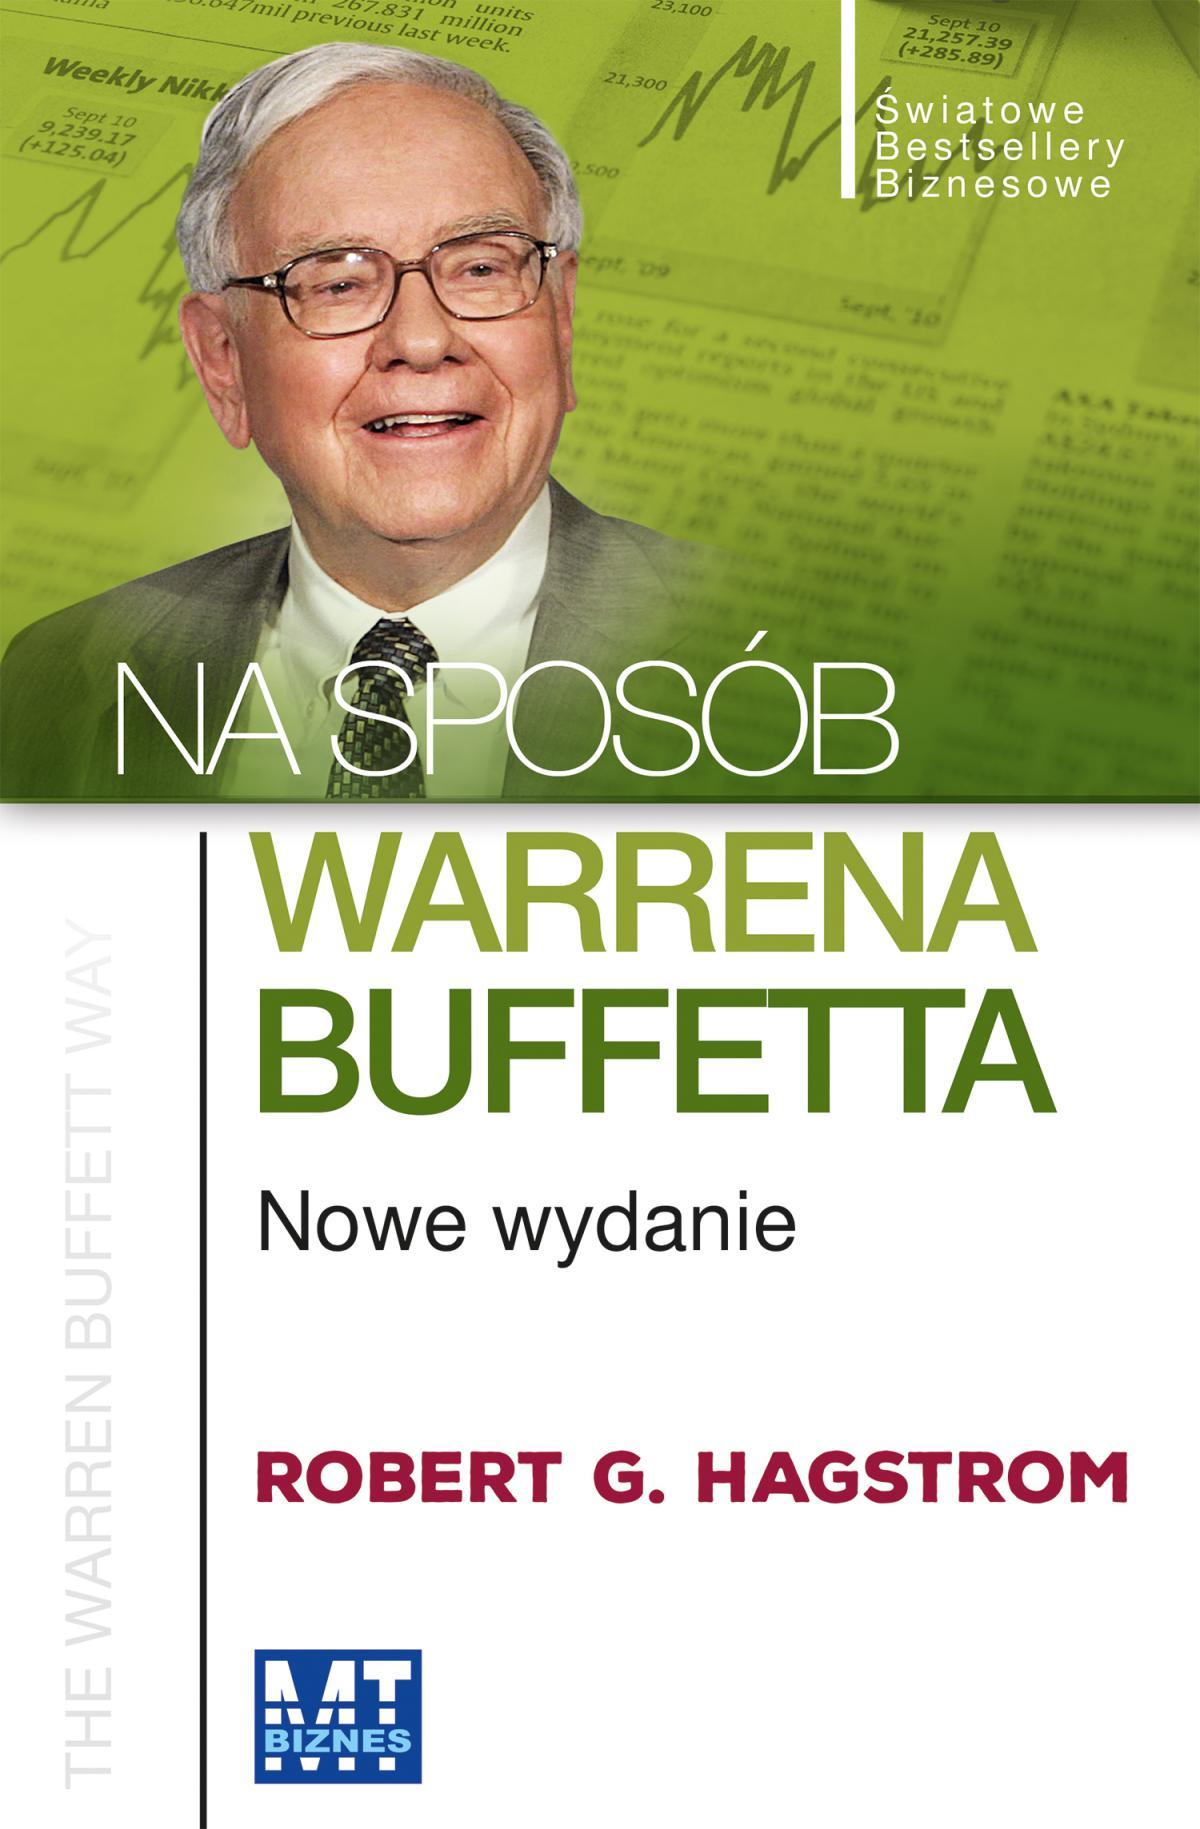 Na sposób Warrena Buffeta - Ebook (Książka na Kindle) do pobrania w formacie MOBI